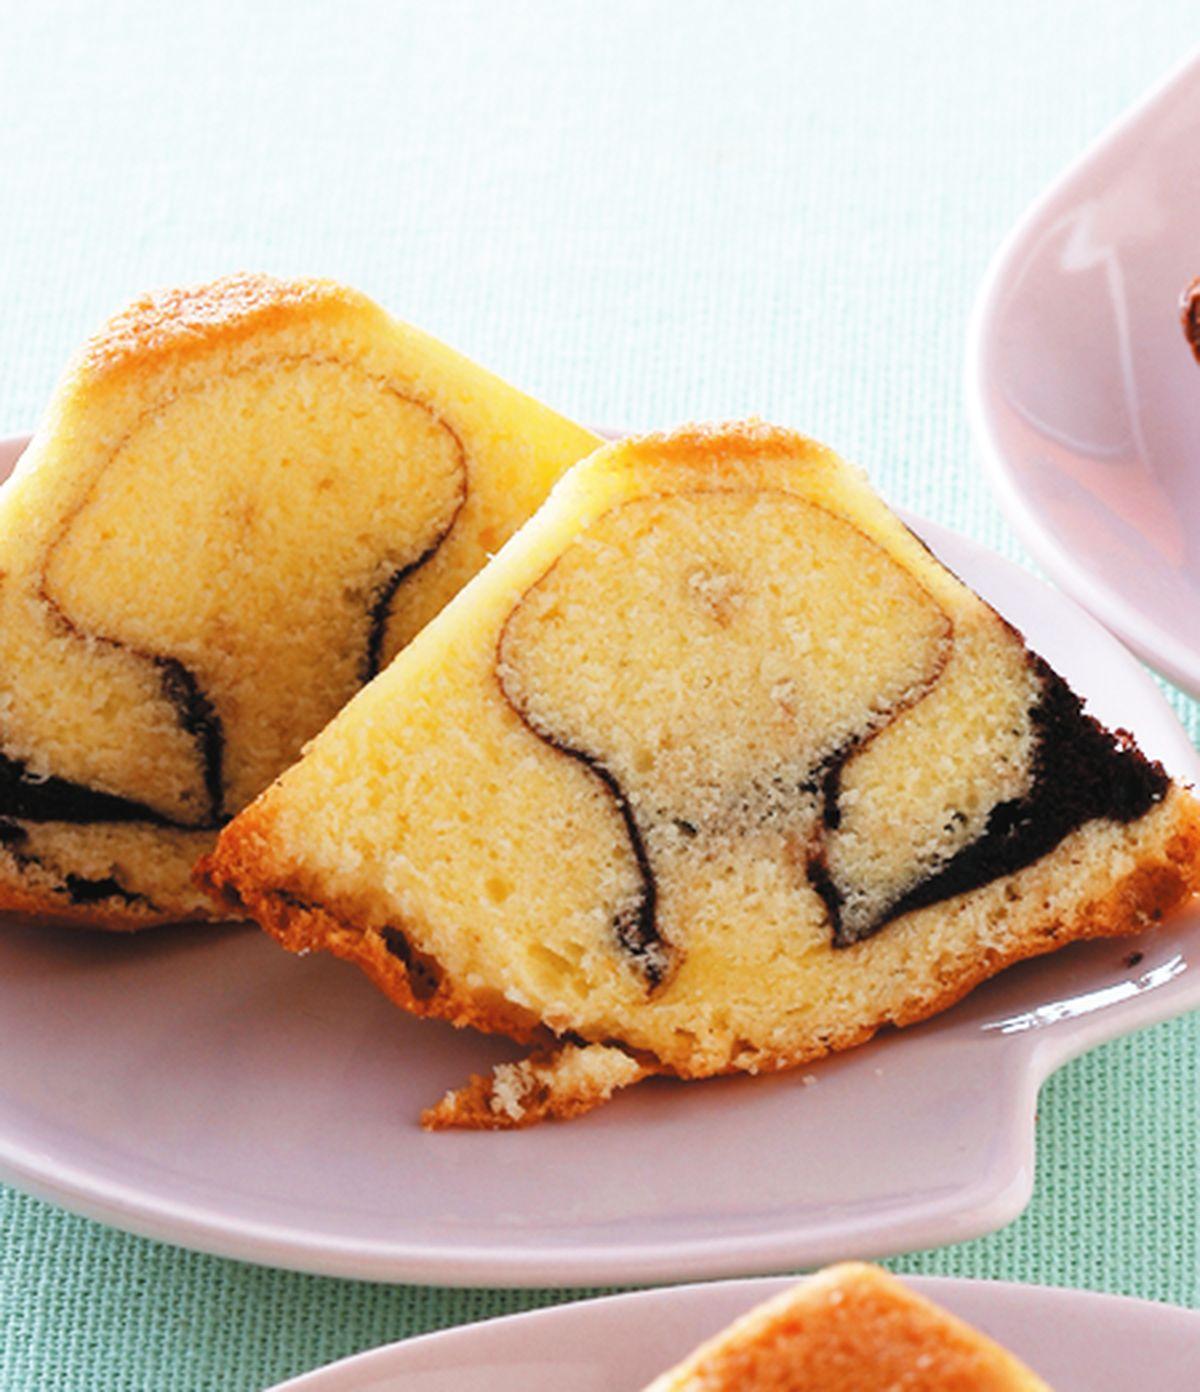 食譜:大理石金字塔蛋糕